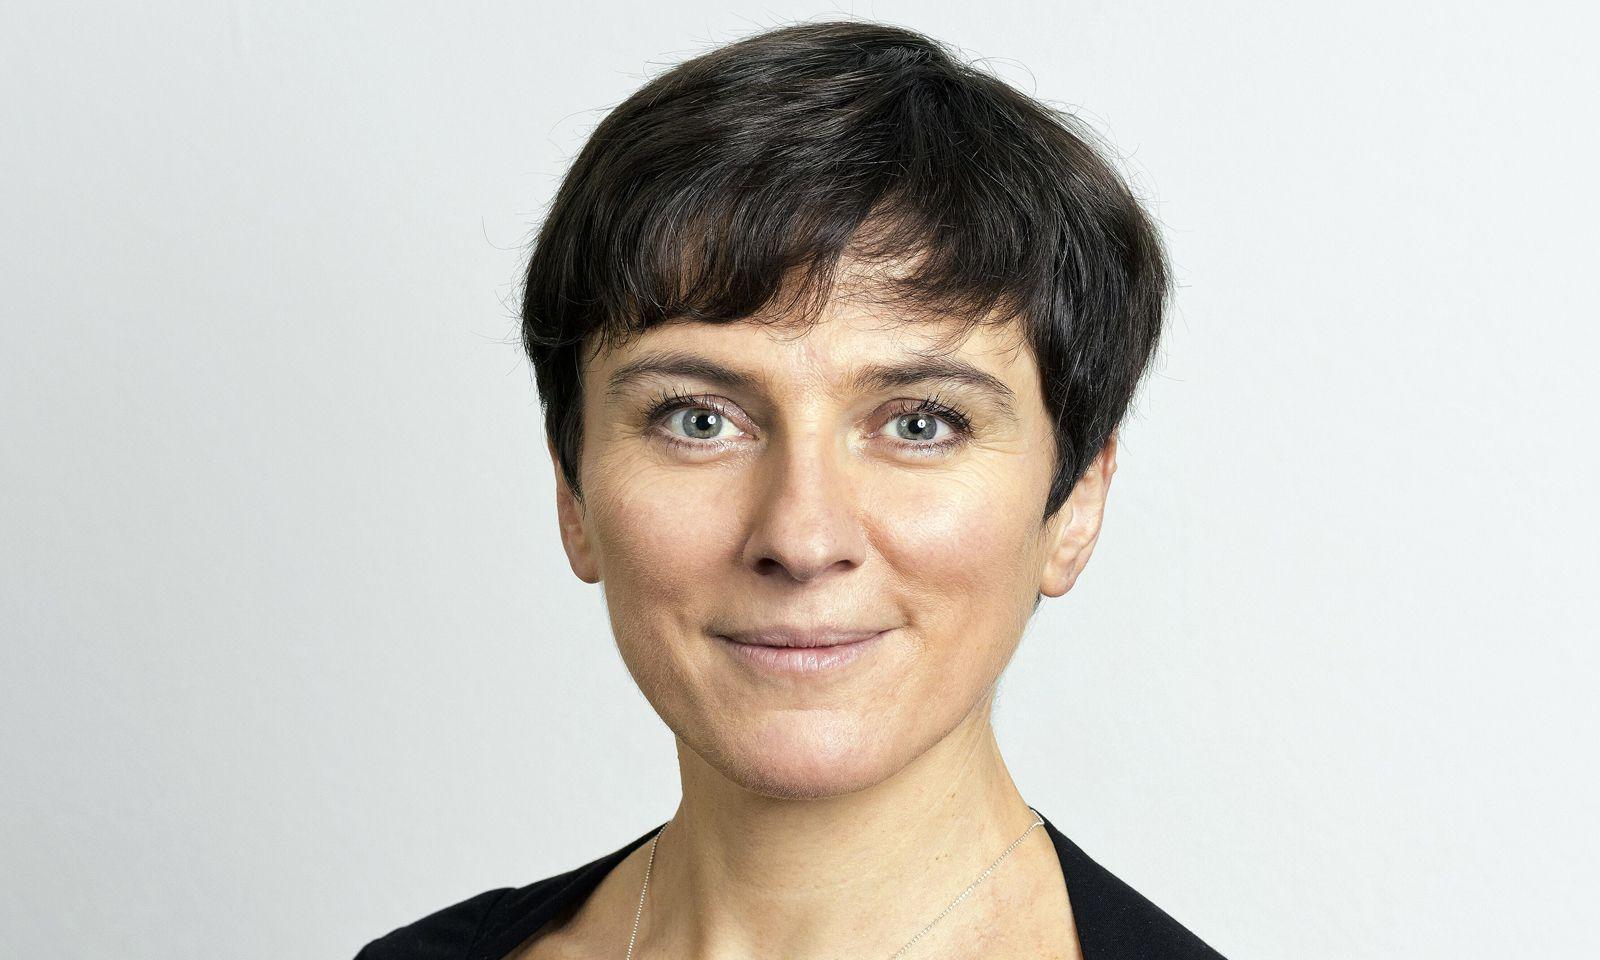 Elisabeth Oberzaucher, Verhaltensbiologin, Forschungsschwerpunkte: Mensch-Umwelt-Interaktionen, nonverbale Kommunikation sowie Partnerwahl und Attraktivität.